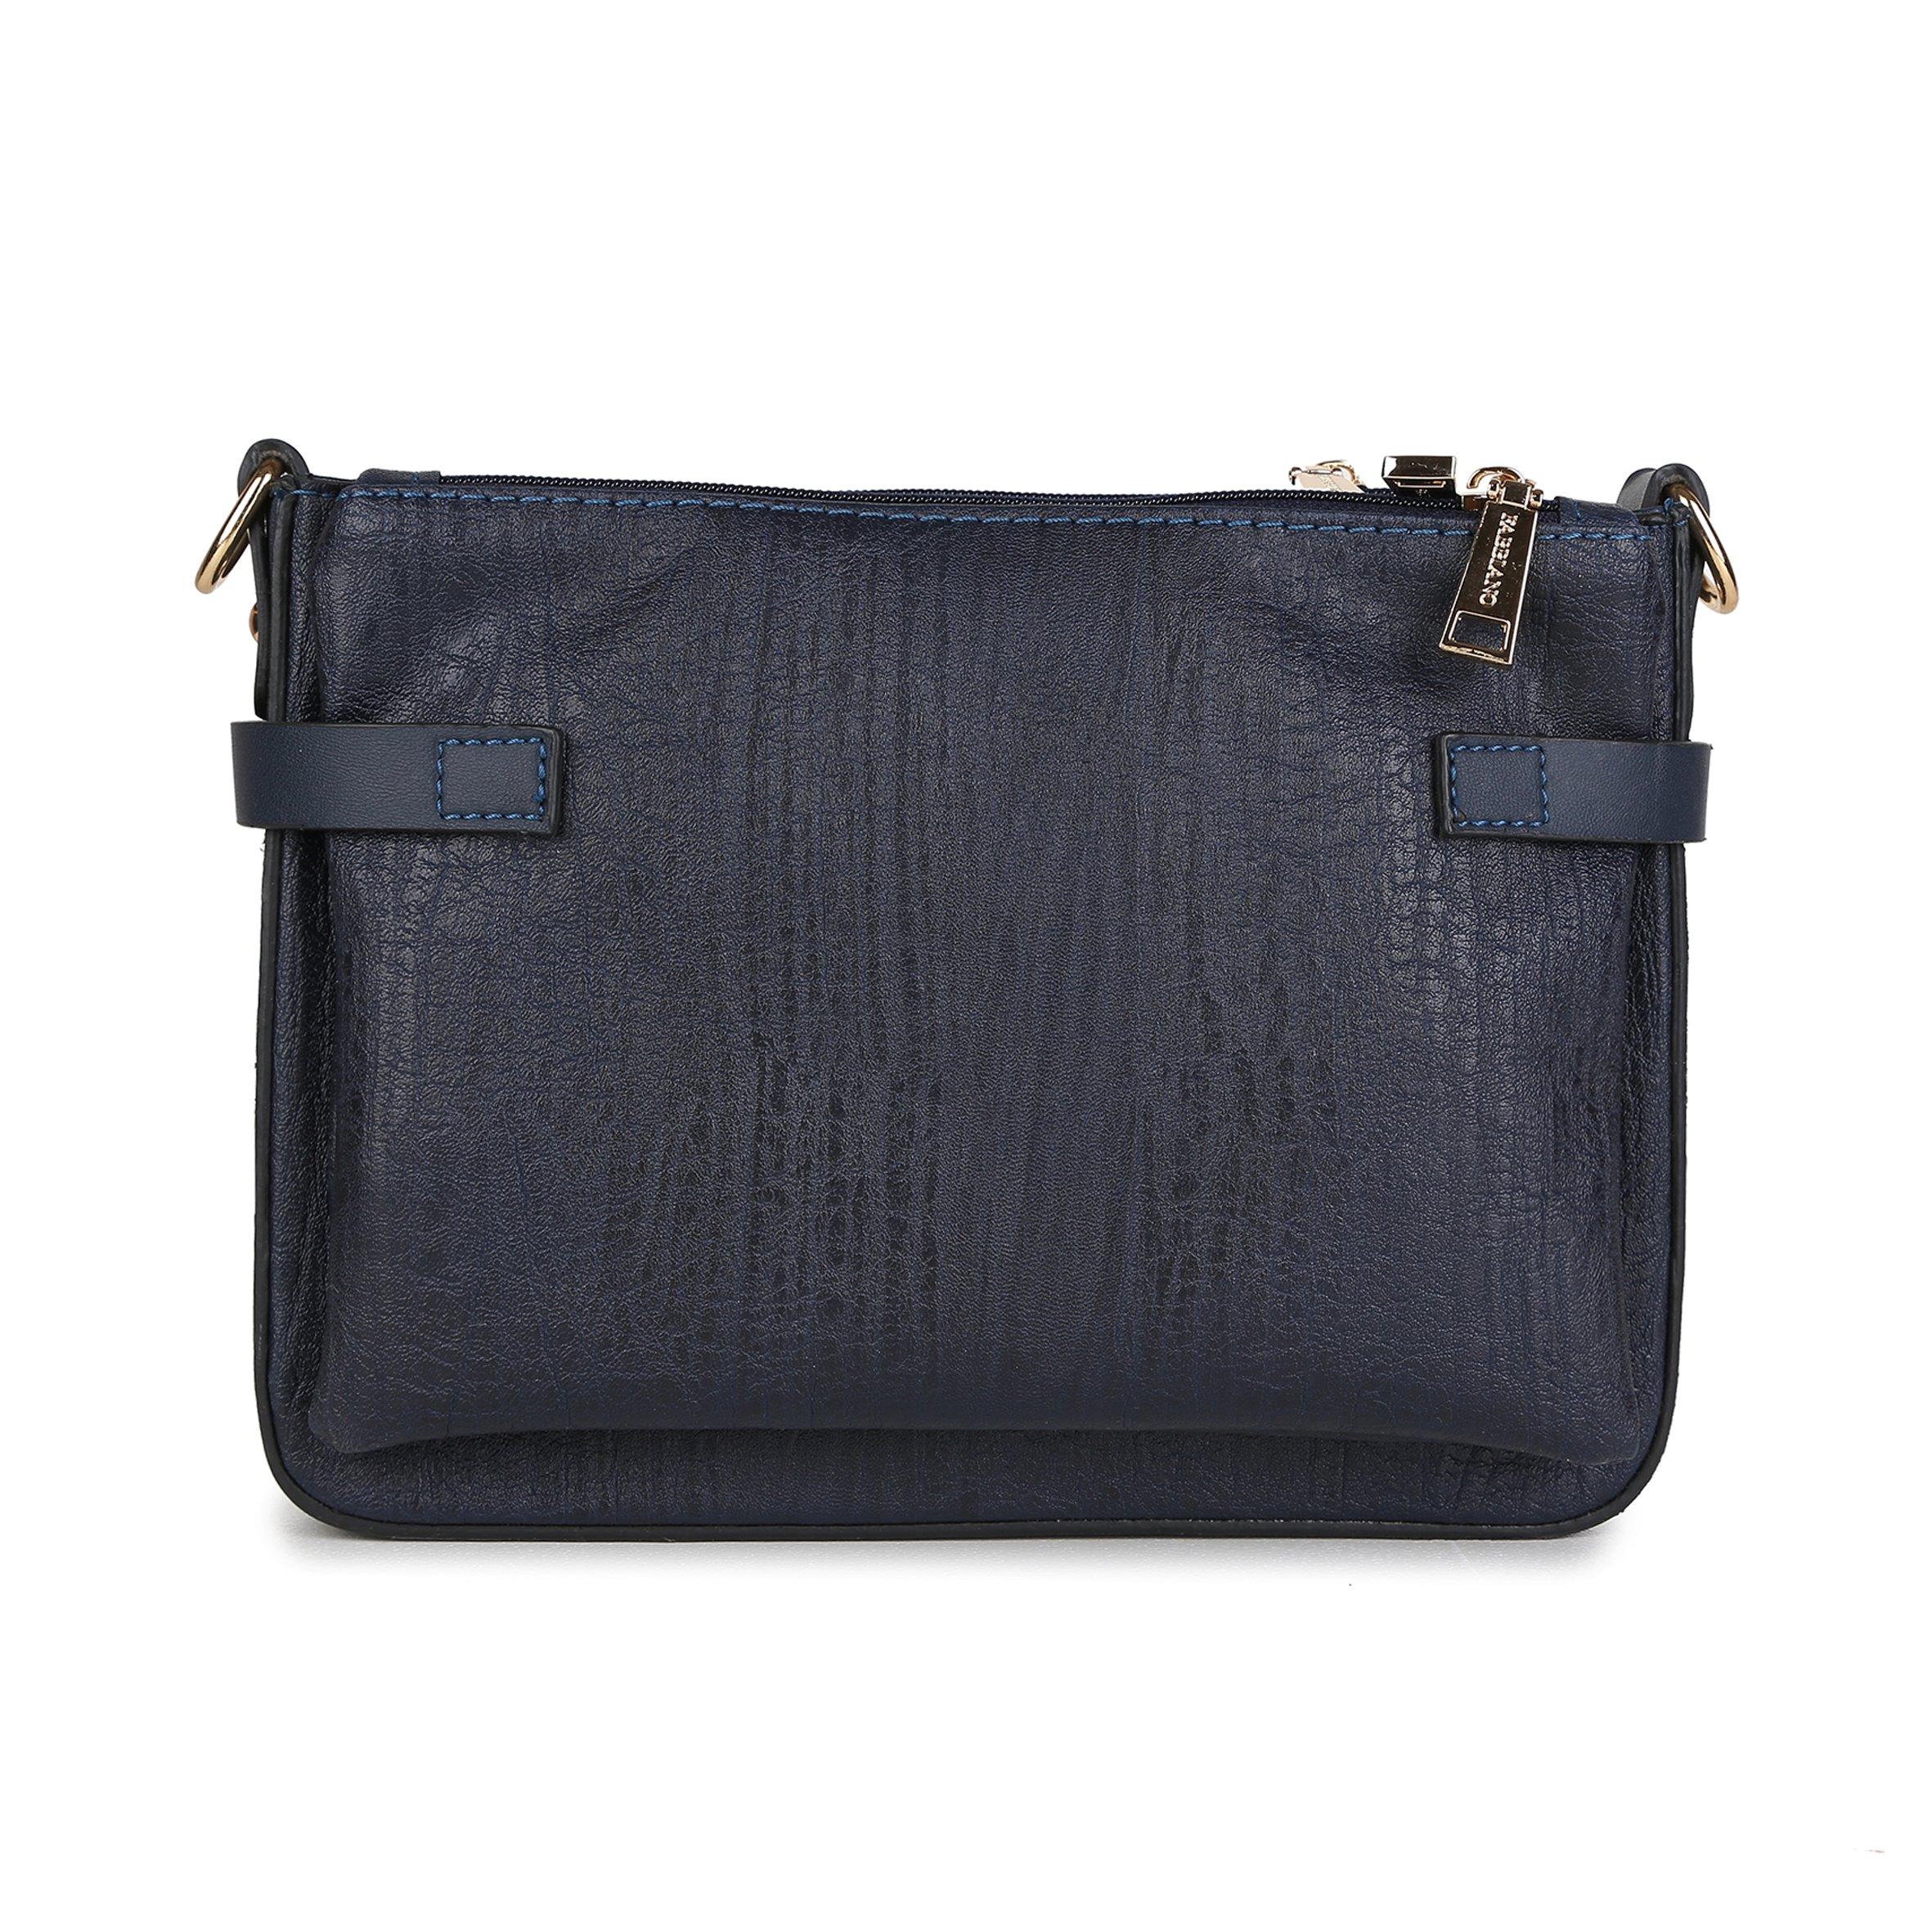 کیف چرم مصنوعی فابیانو 0082 (25*20 cm)